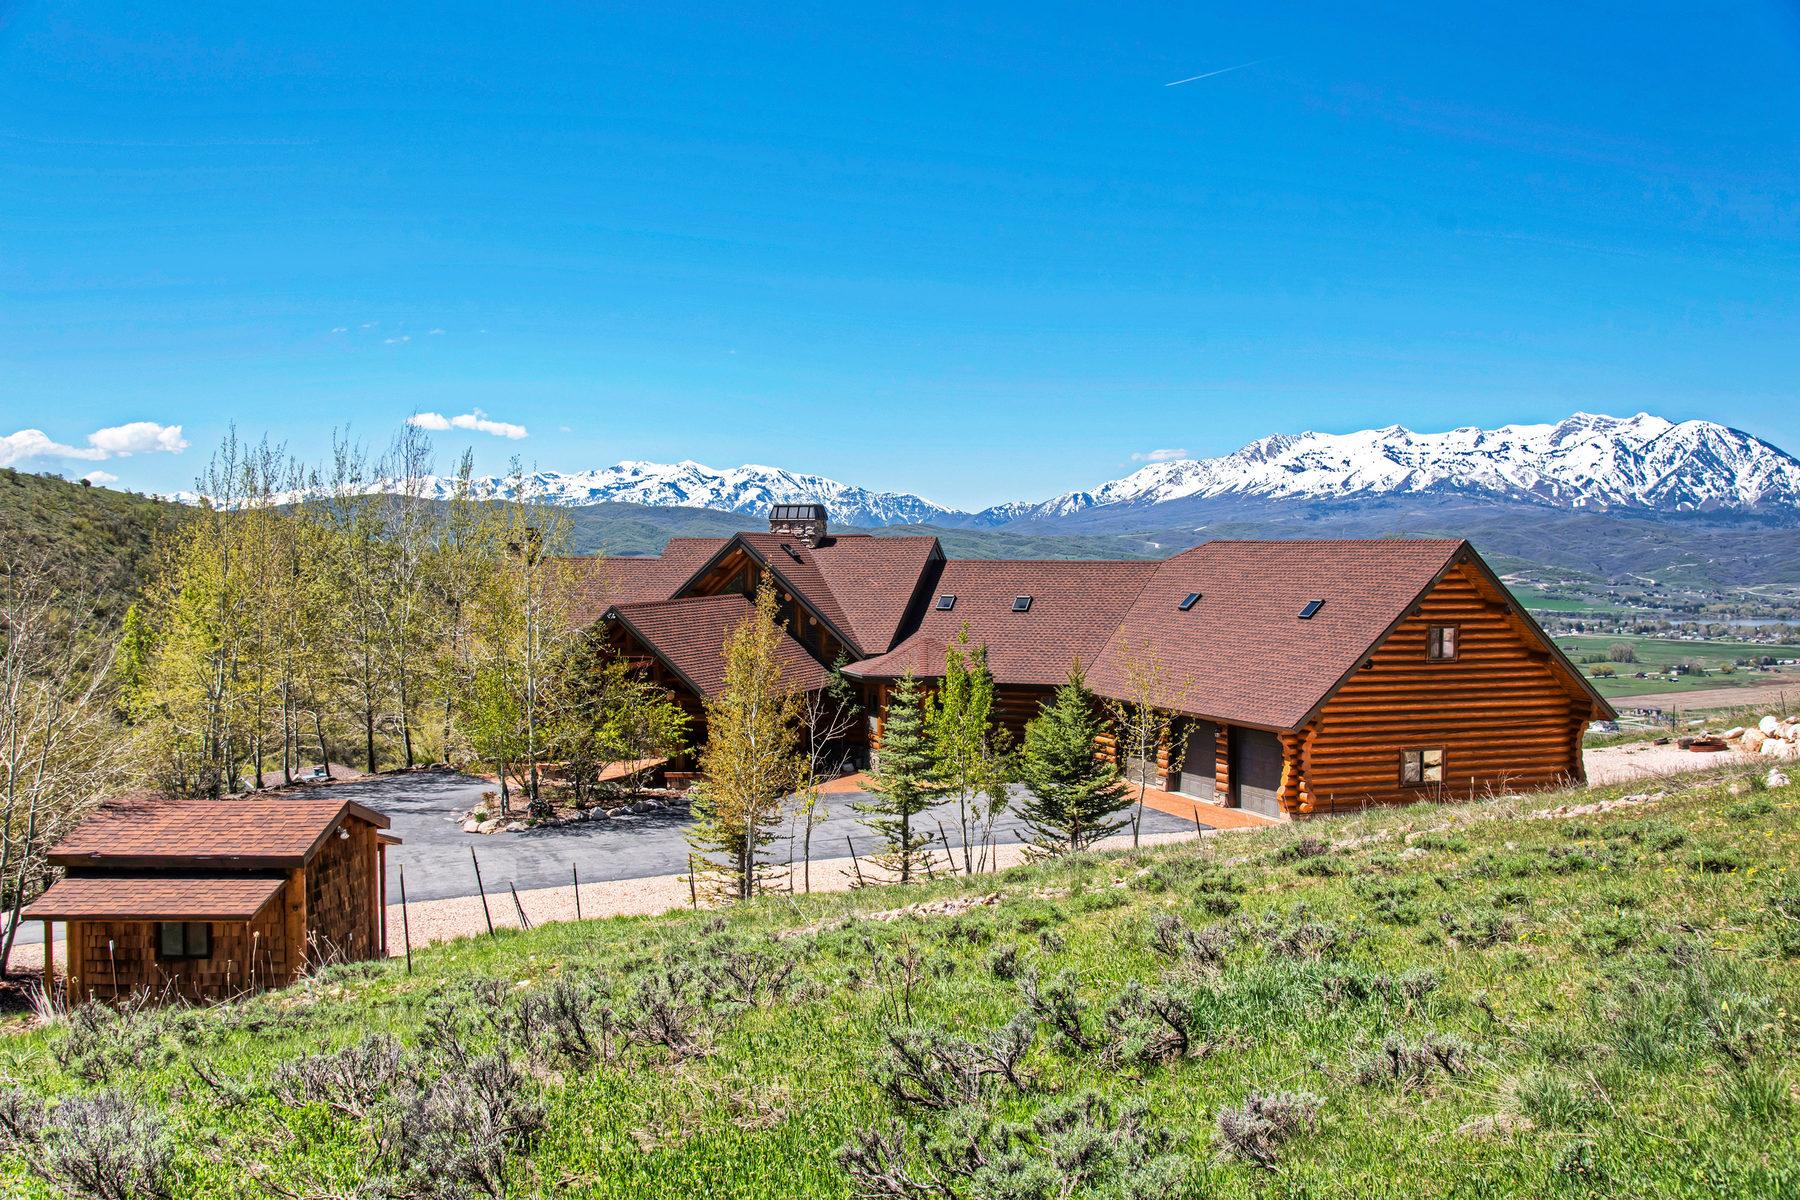 Casa Unifamiliar por un Venta en Breathtaking views from luxury Neville log home 9542 Kelley Dr Huntsville, Utah, 84317 Estados Unidos